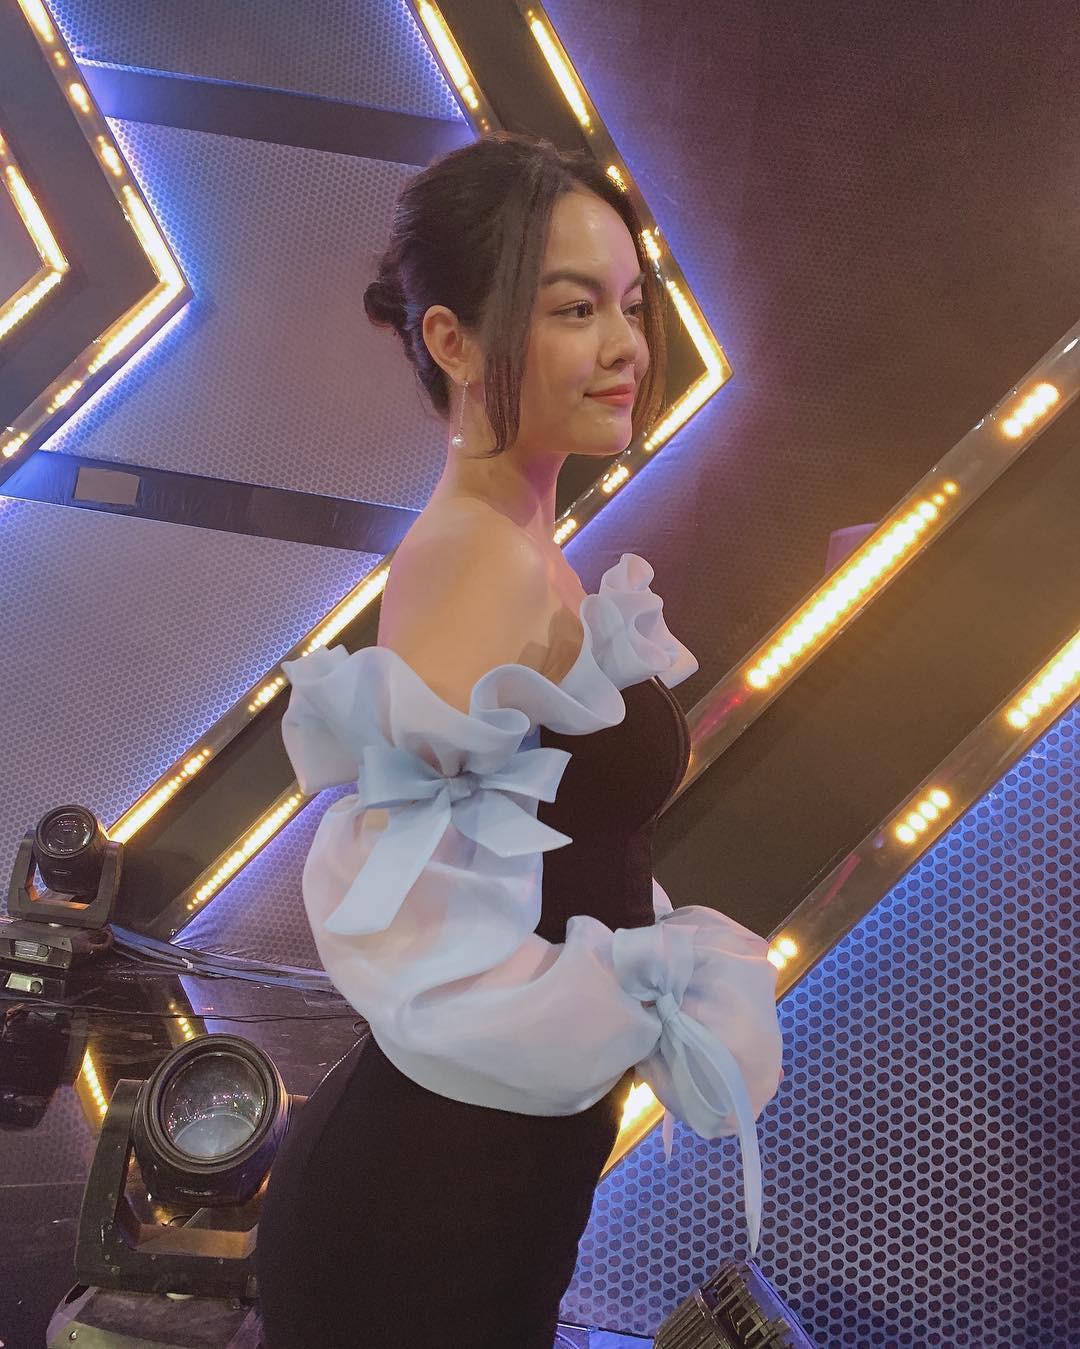 Ai đó kiêng dè váy kén dáng chứ Phạm Quỳnh Anh chẳng ngán diện, đã vậy còn mặc tuyệt đẹp - Ảnh 4.